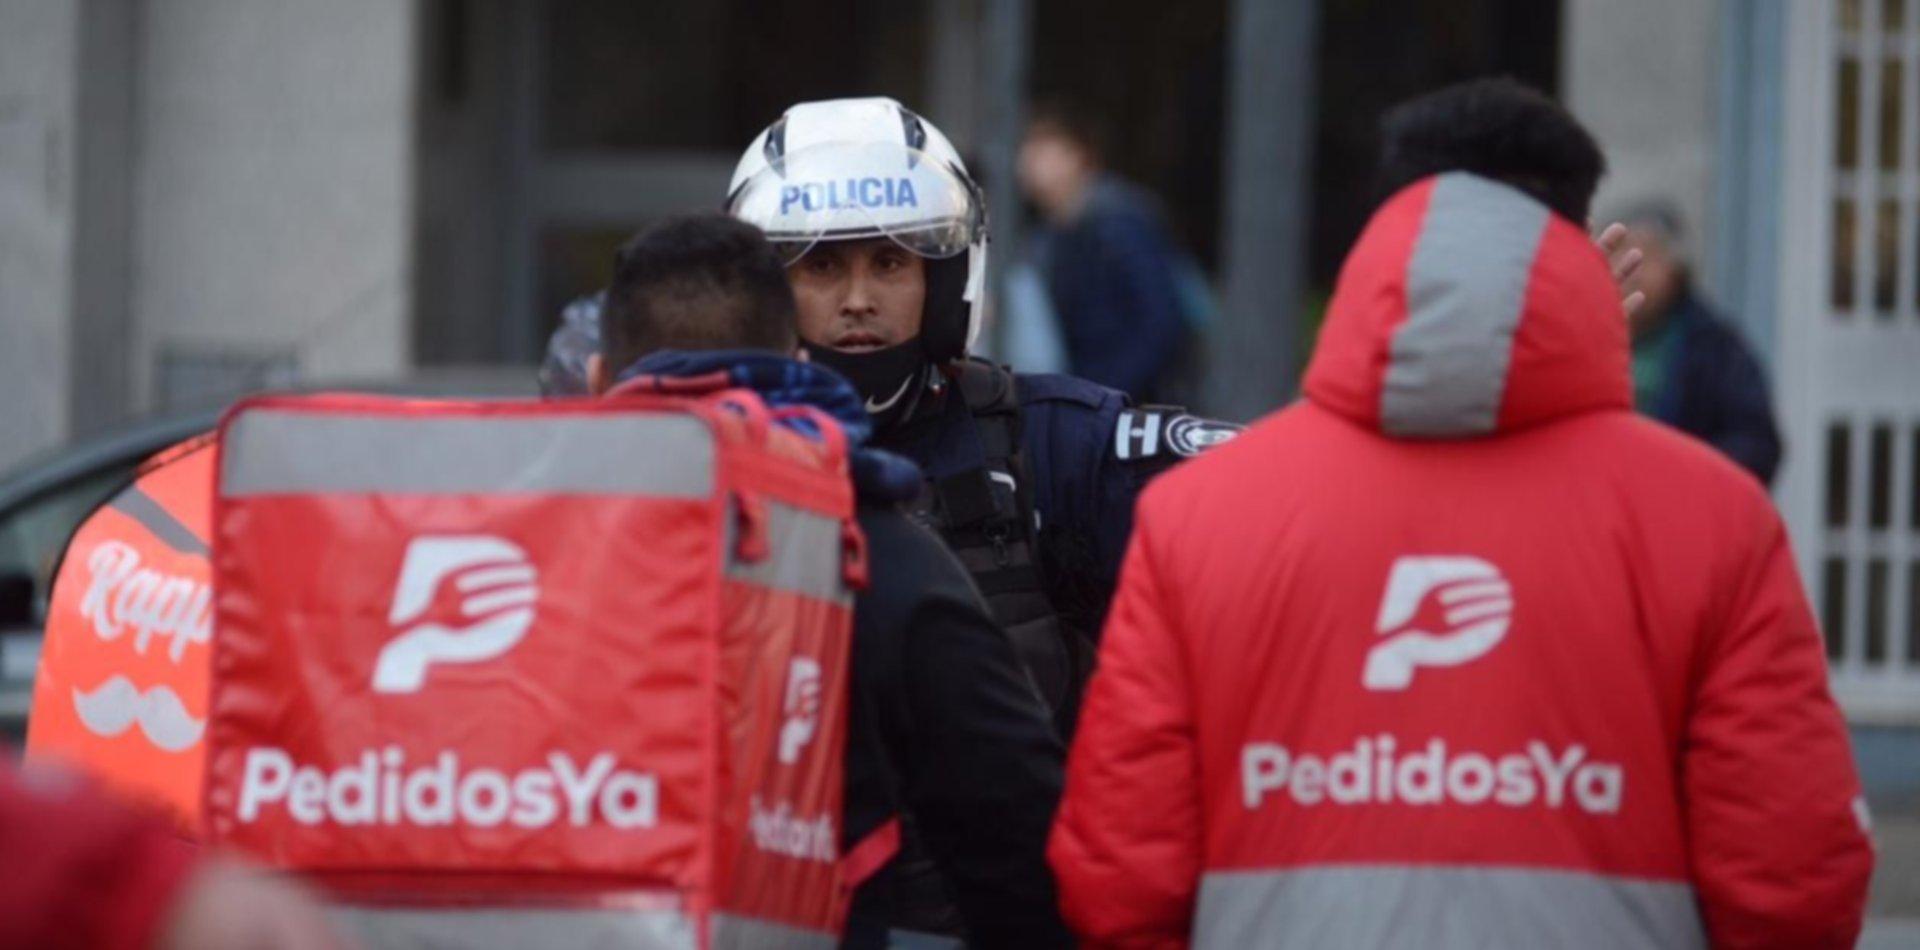 Tiros y amenazas en medio de dos brutales robos contra repartidores en La Plata